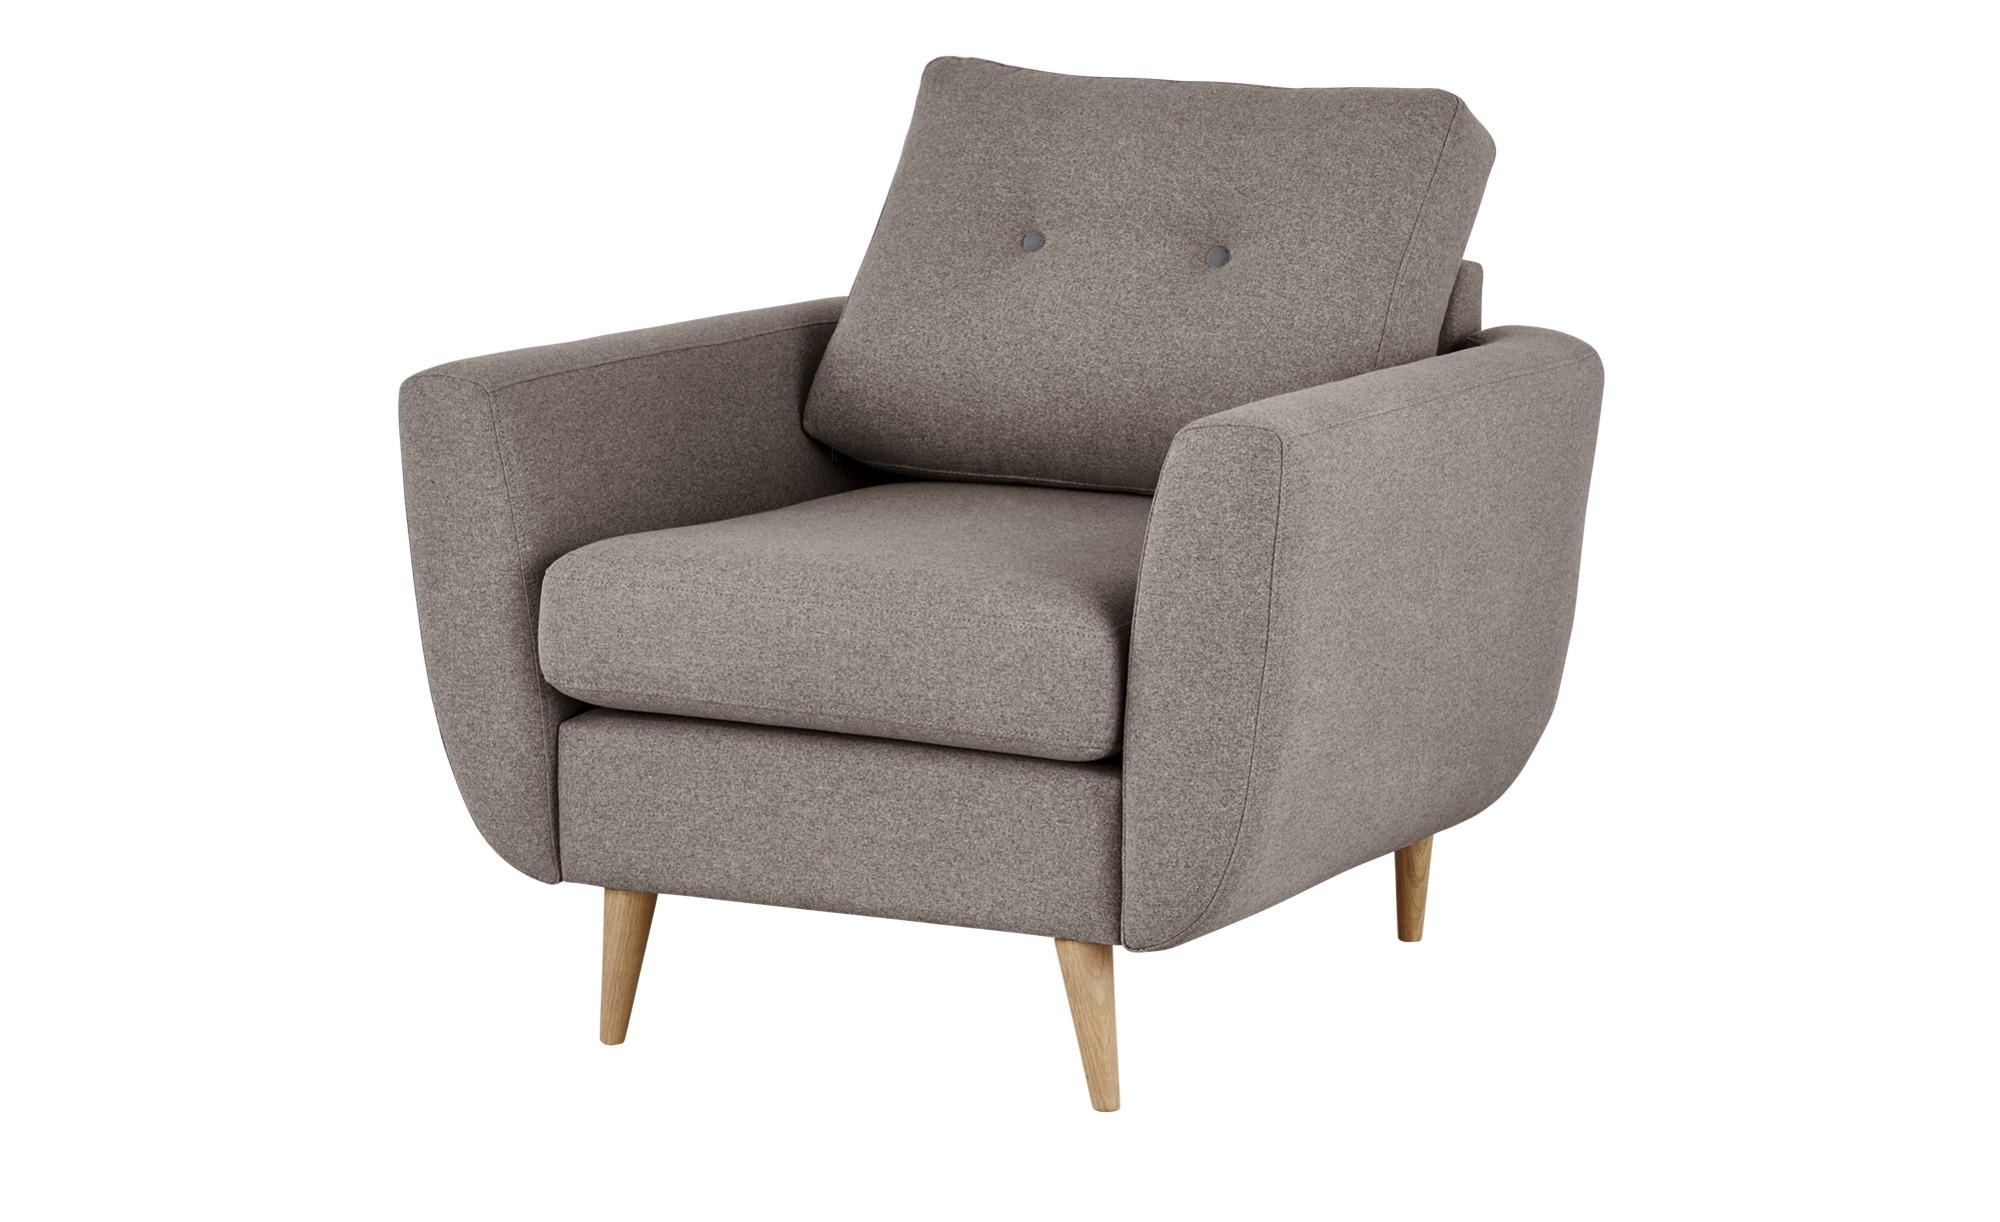 finya Retro-Sessel beige - Stoff Harris ¦ grau ¦ Maße (cm): B: 88 H: 85 T: 85 Polstermöbel > Sessel > Polstersessel - Höffner